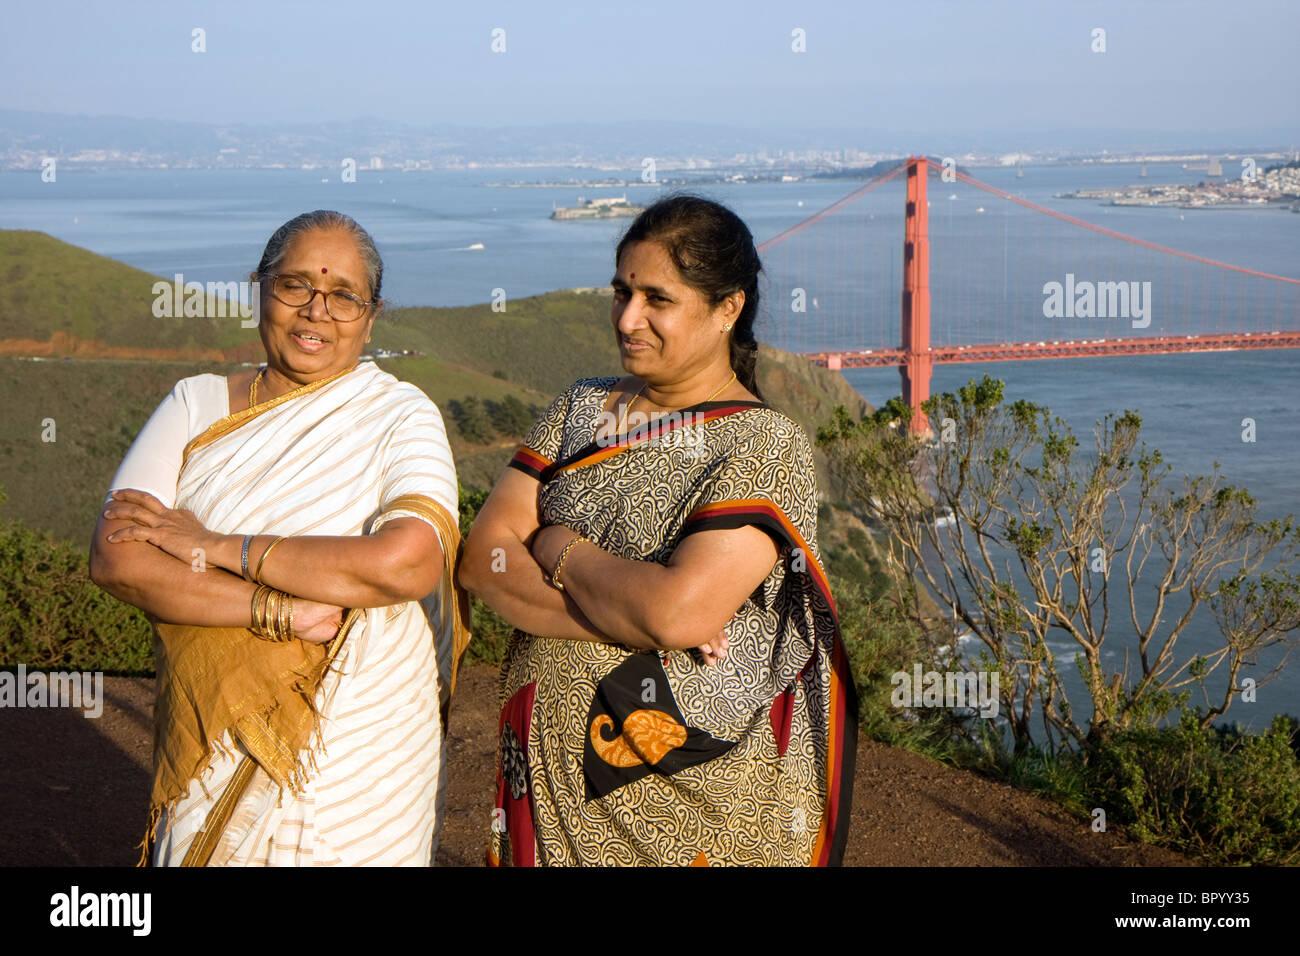 Indische Touristen neben der Golden Gate Bridge in San Francisco Stockbild